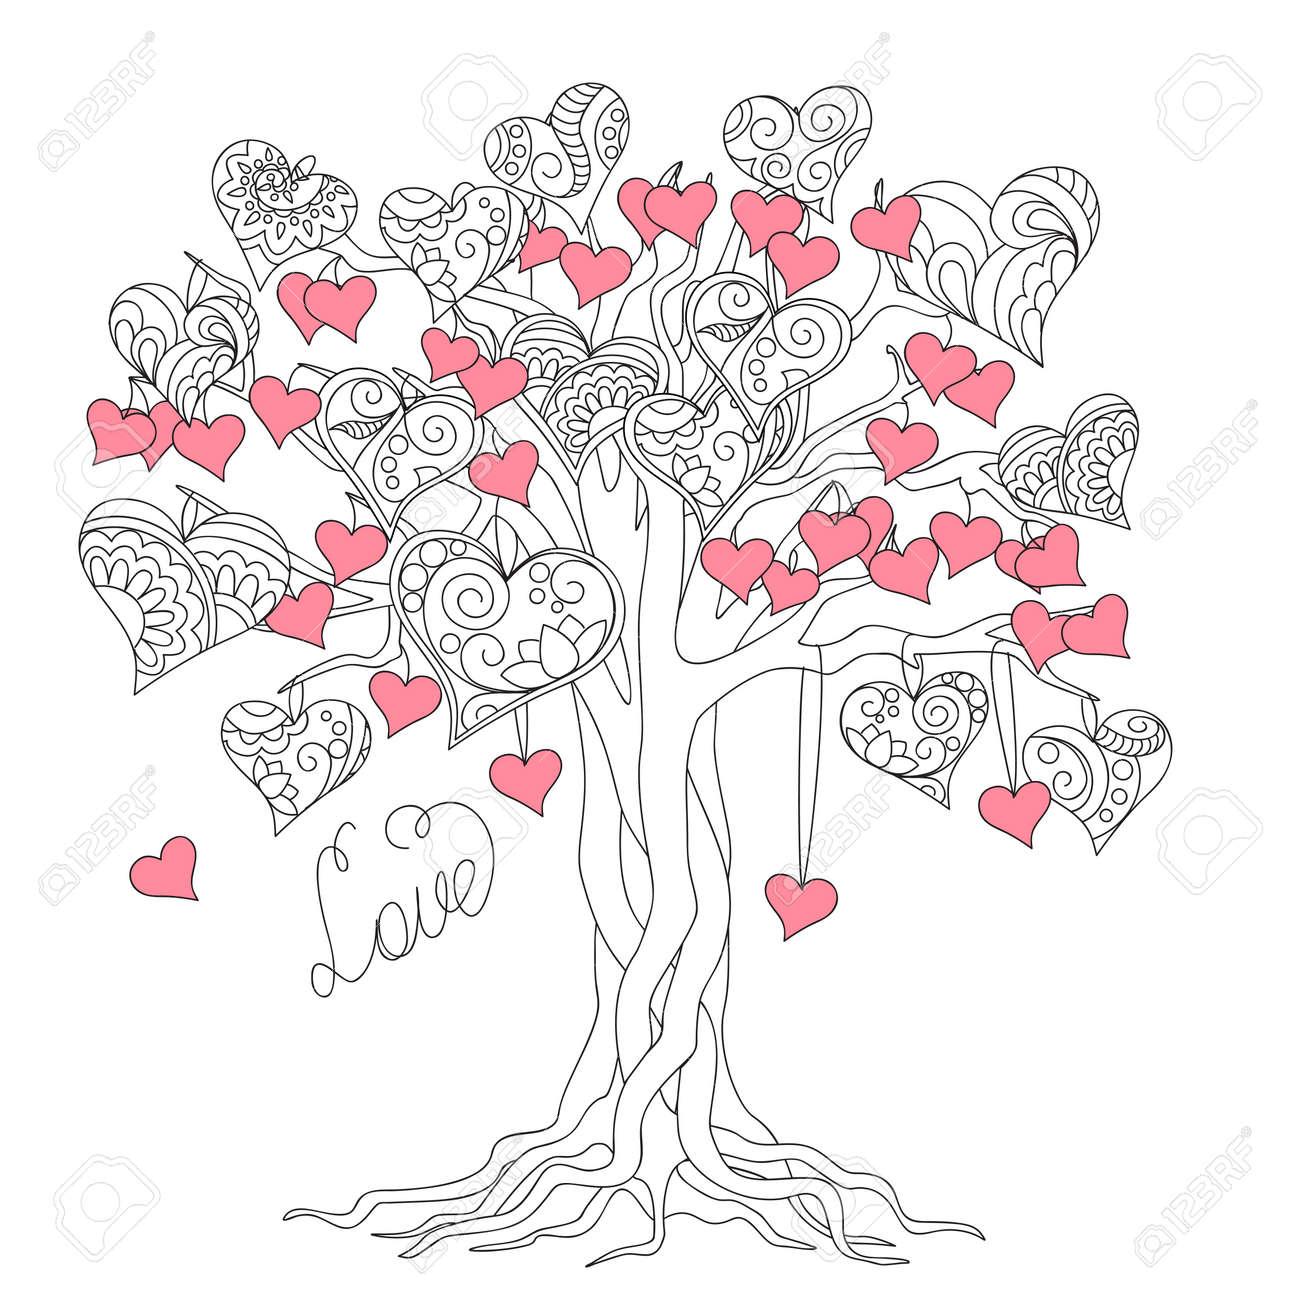 Hand Gezeichnet Geschmückten Baum Der Liebe In Boho Ethno-Stil. Bild ...